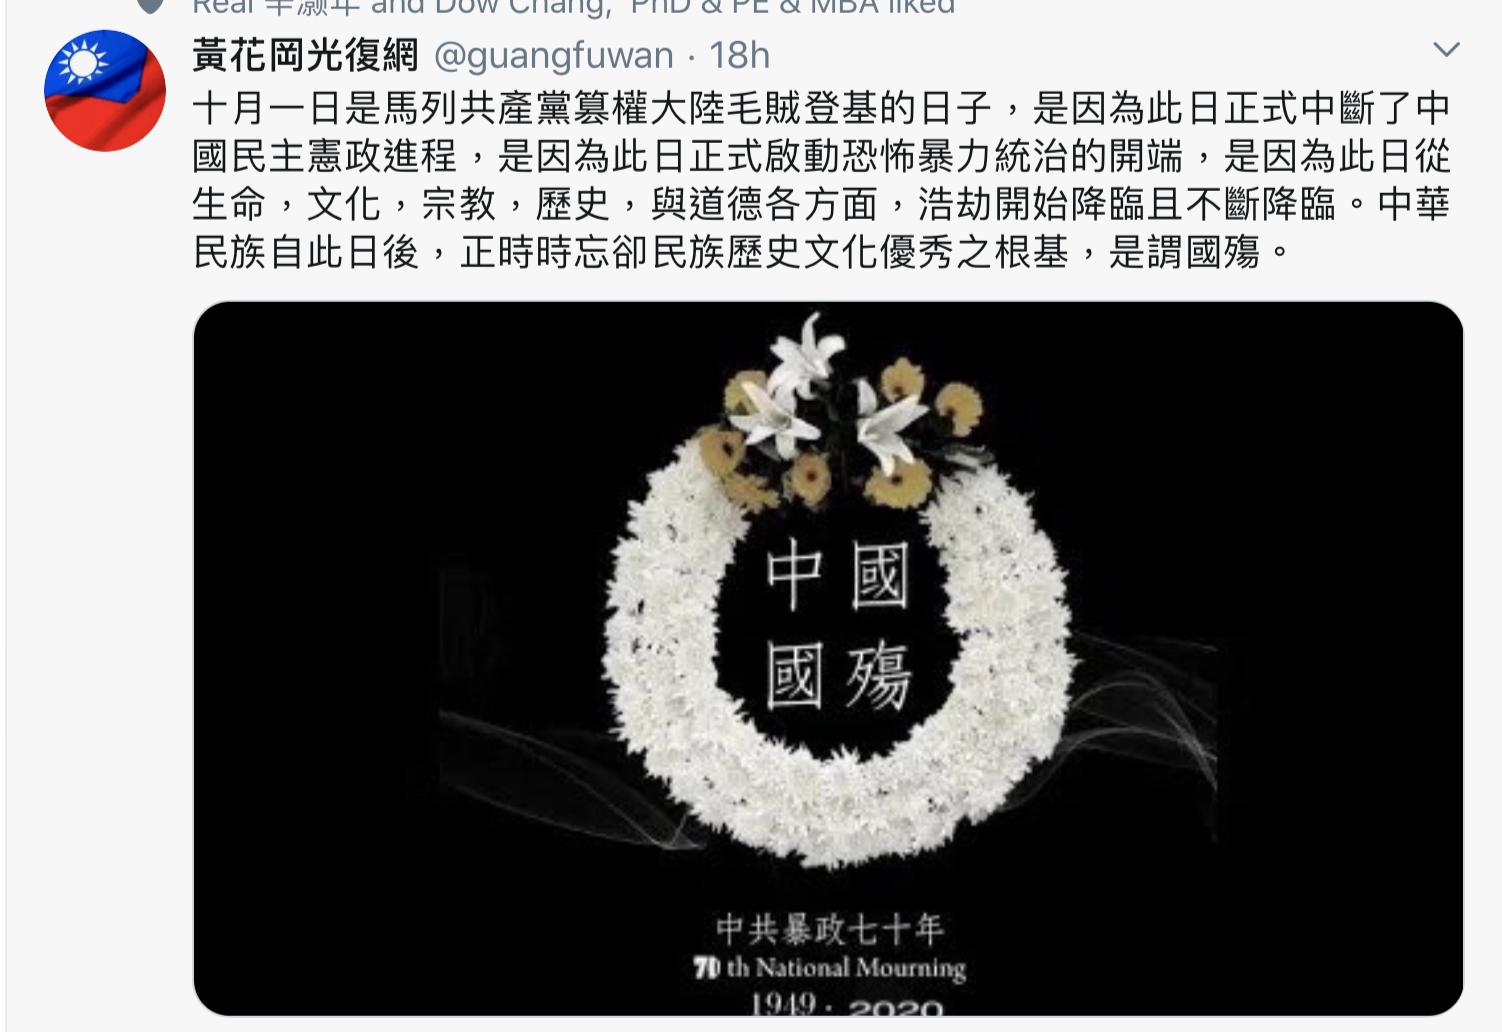 今年十月一日,中共建政71周年之際,民間紛紛表示這一天是國殤日。(網絡影片截圖)